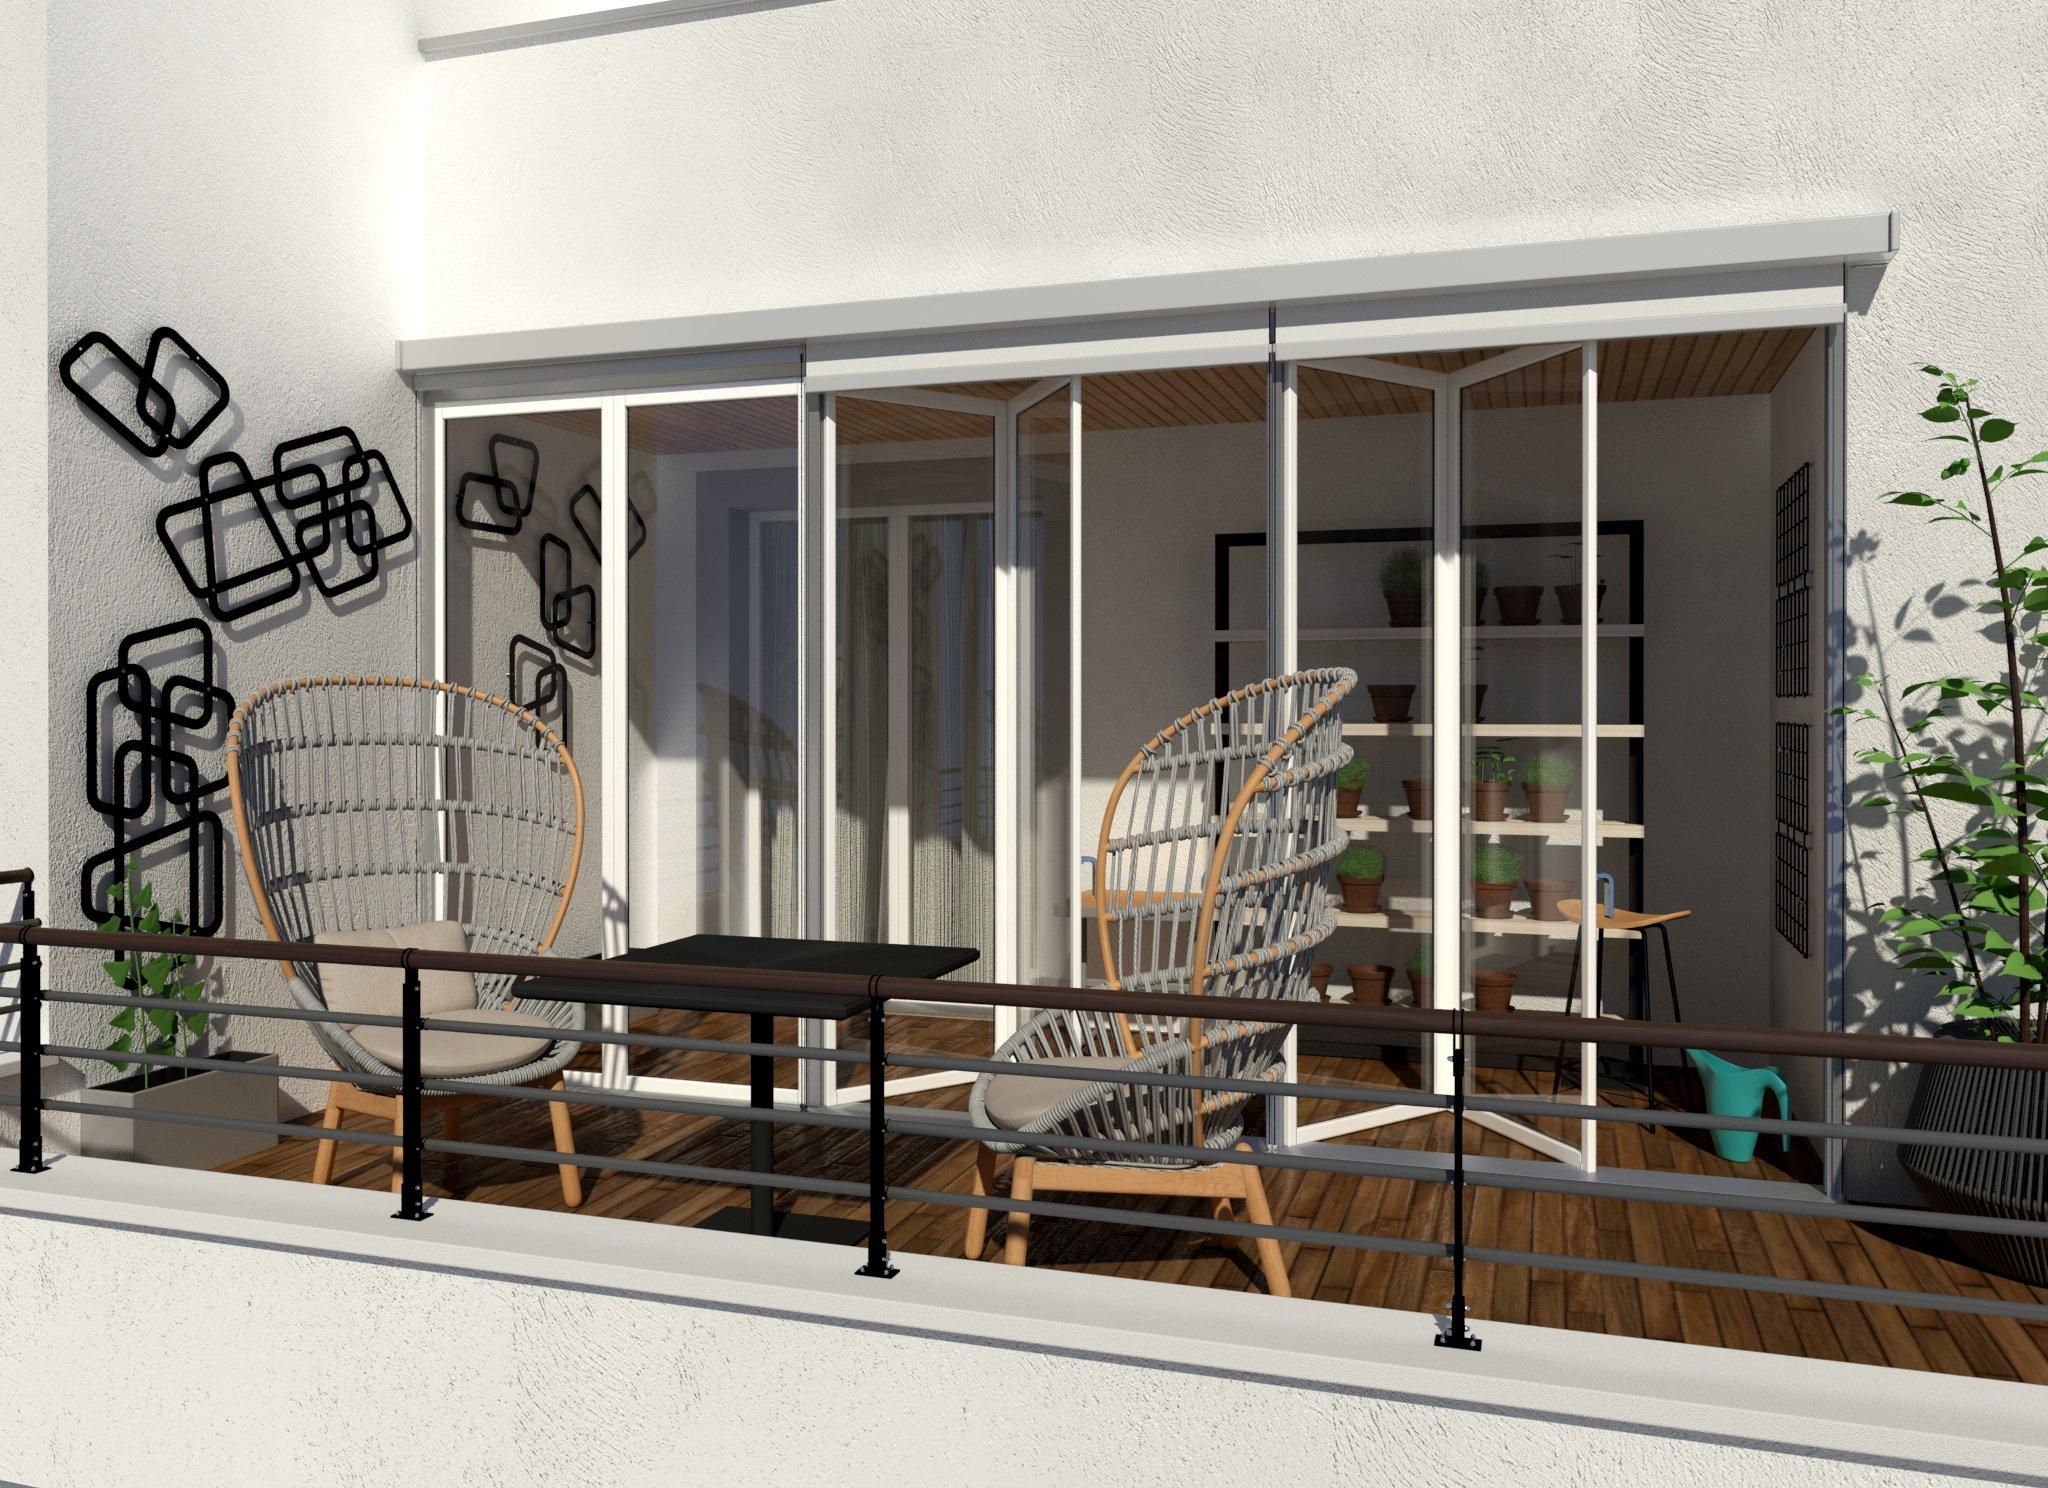 Coprire Terrazzo Con Veranda fare la veranda per la serra solare - cose di casa